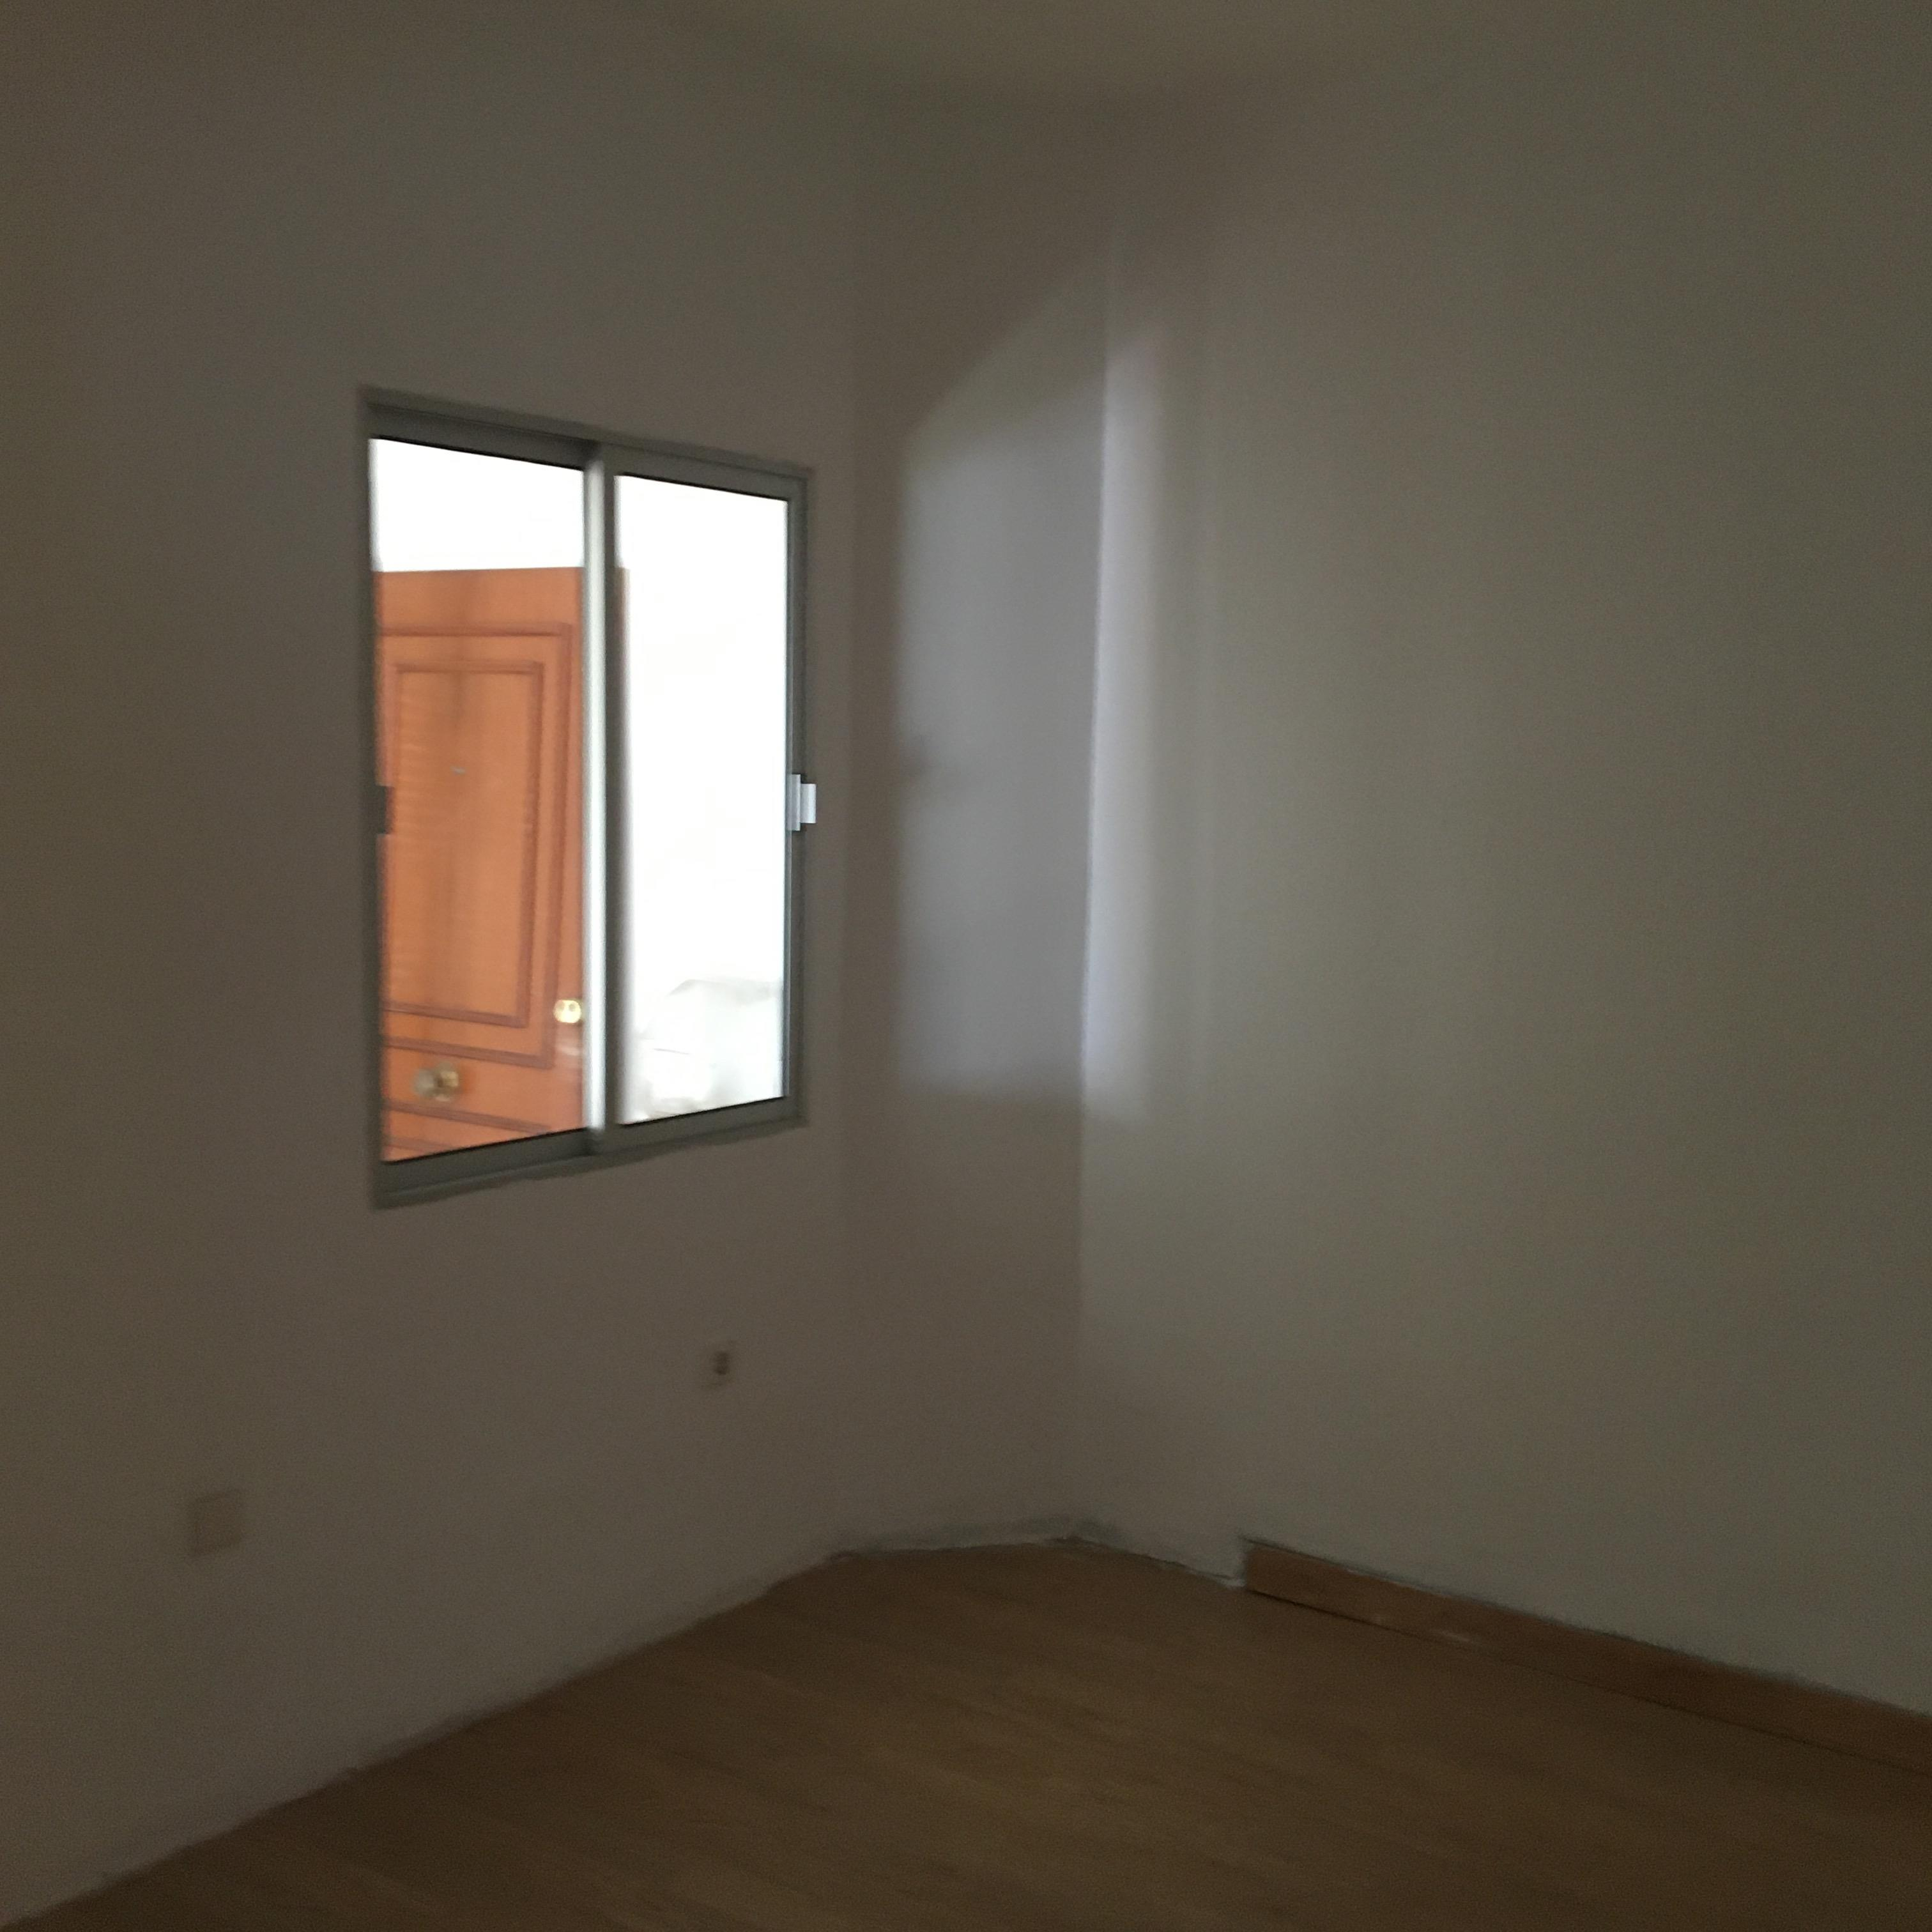 Piso en venta en Piso en San Juan de Aznalfarache, Sevilla, 58.000 €, 2 habitaciones, 1 baño, 61 m2